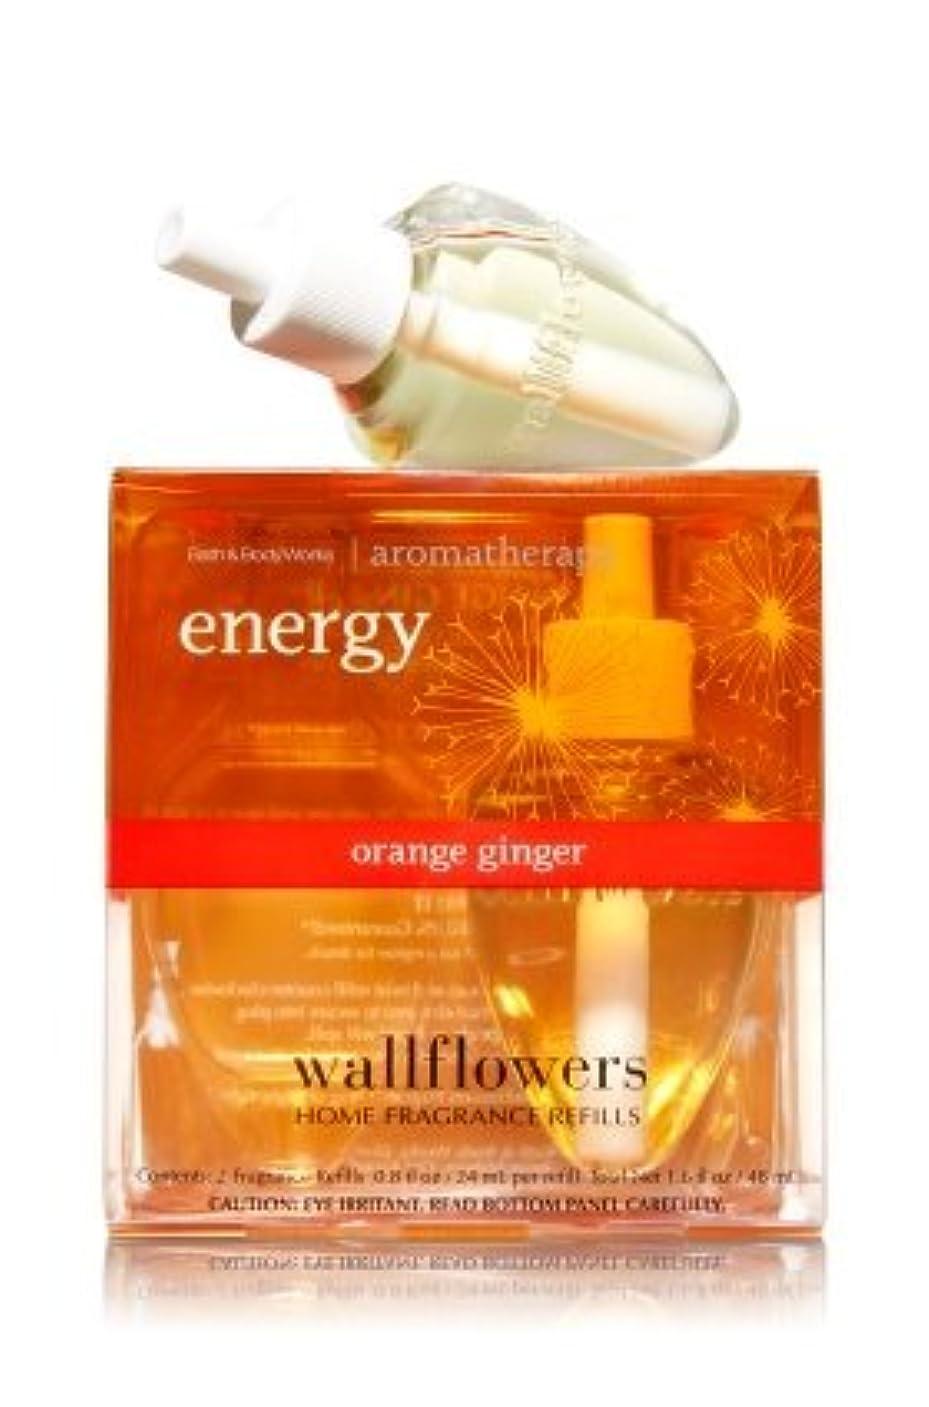 イーウェル配管羊飼い【Bath&Body Works/バス&ボディワークス】 ルームフレグランス 詰替えリフィル(2個入り) エナジー オレンジジンジャー Wallflowers Home Fragrance 2-Pack Refills Energy Orange Ginger [並行輸入品]